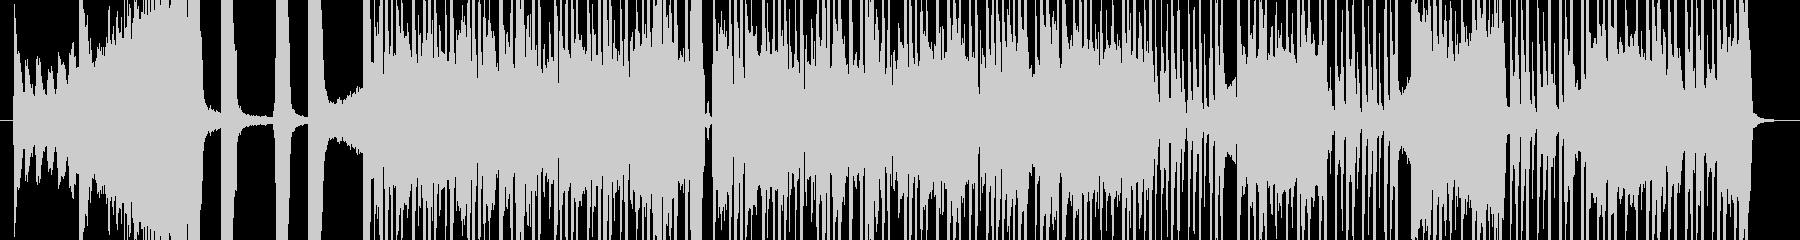 盛り上がるジャズファンクの未再生の波形